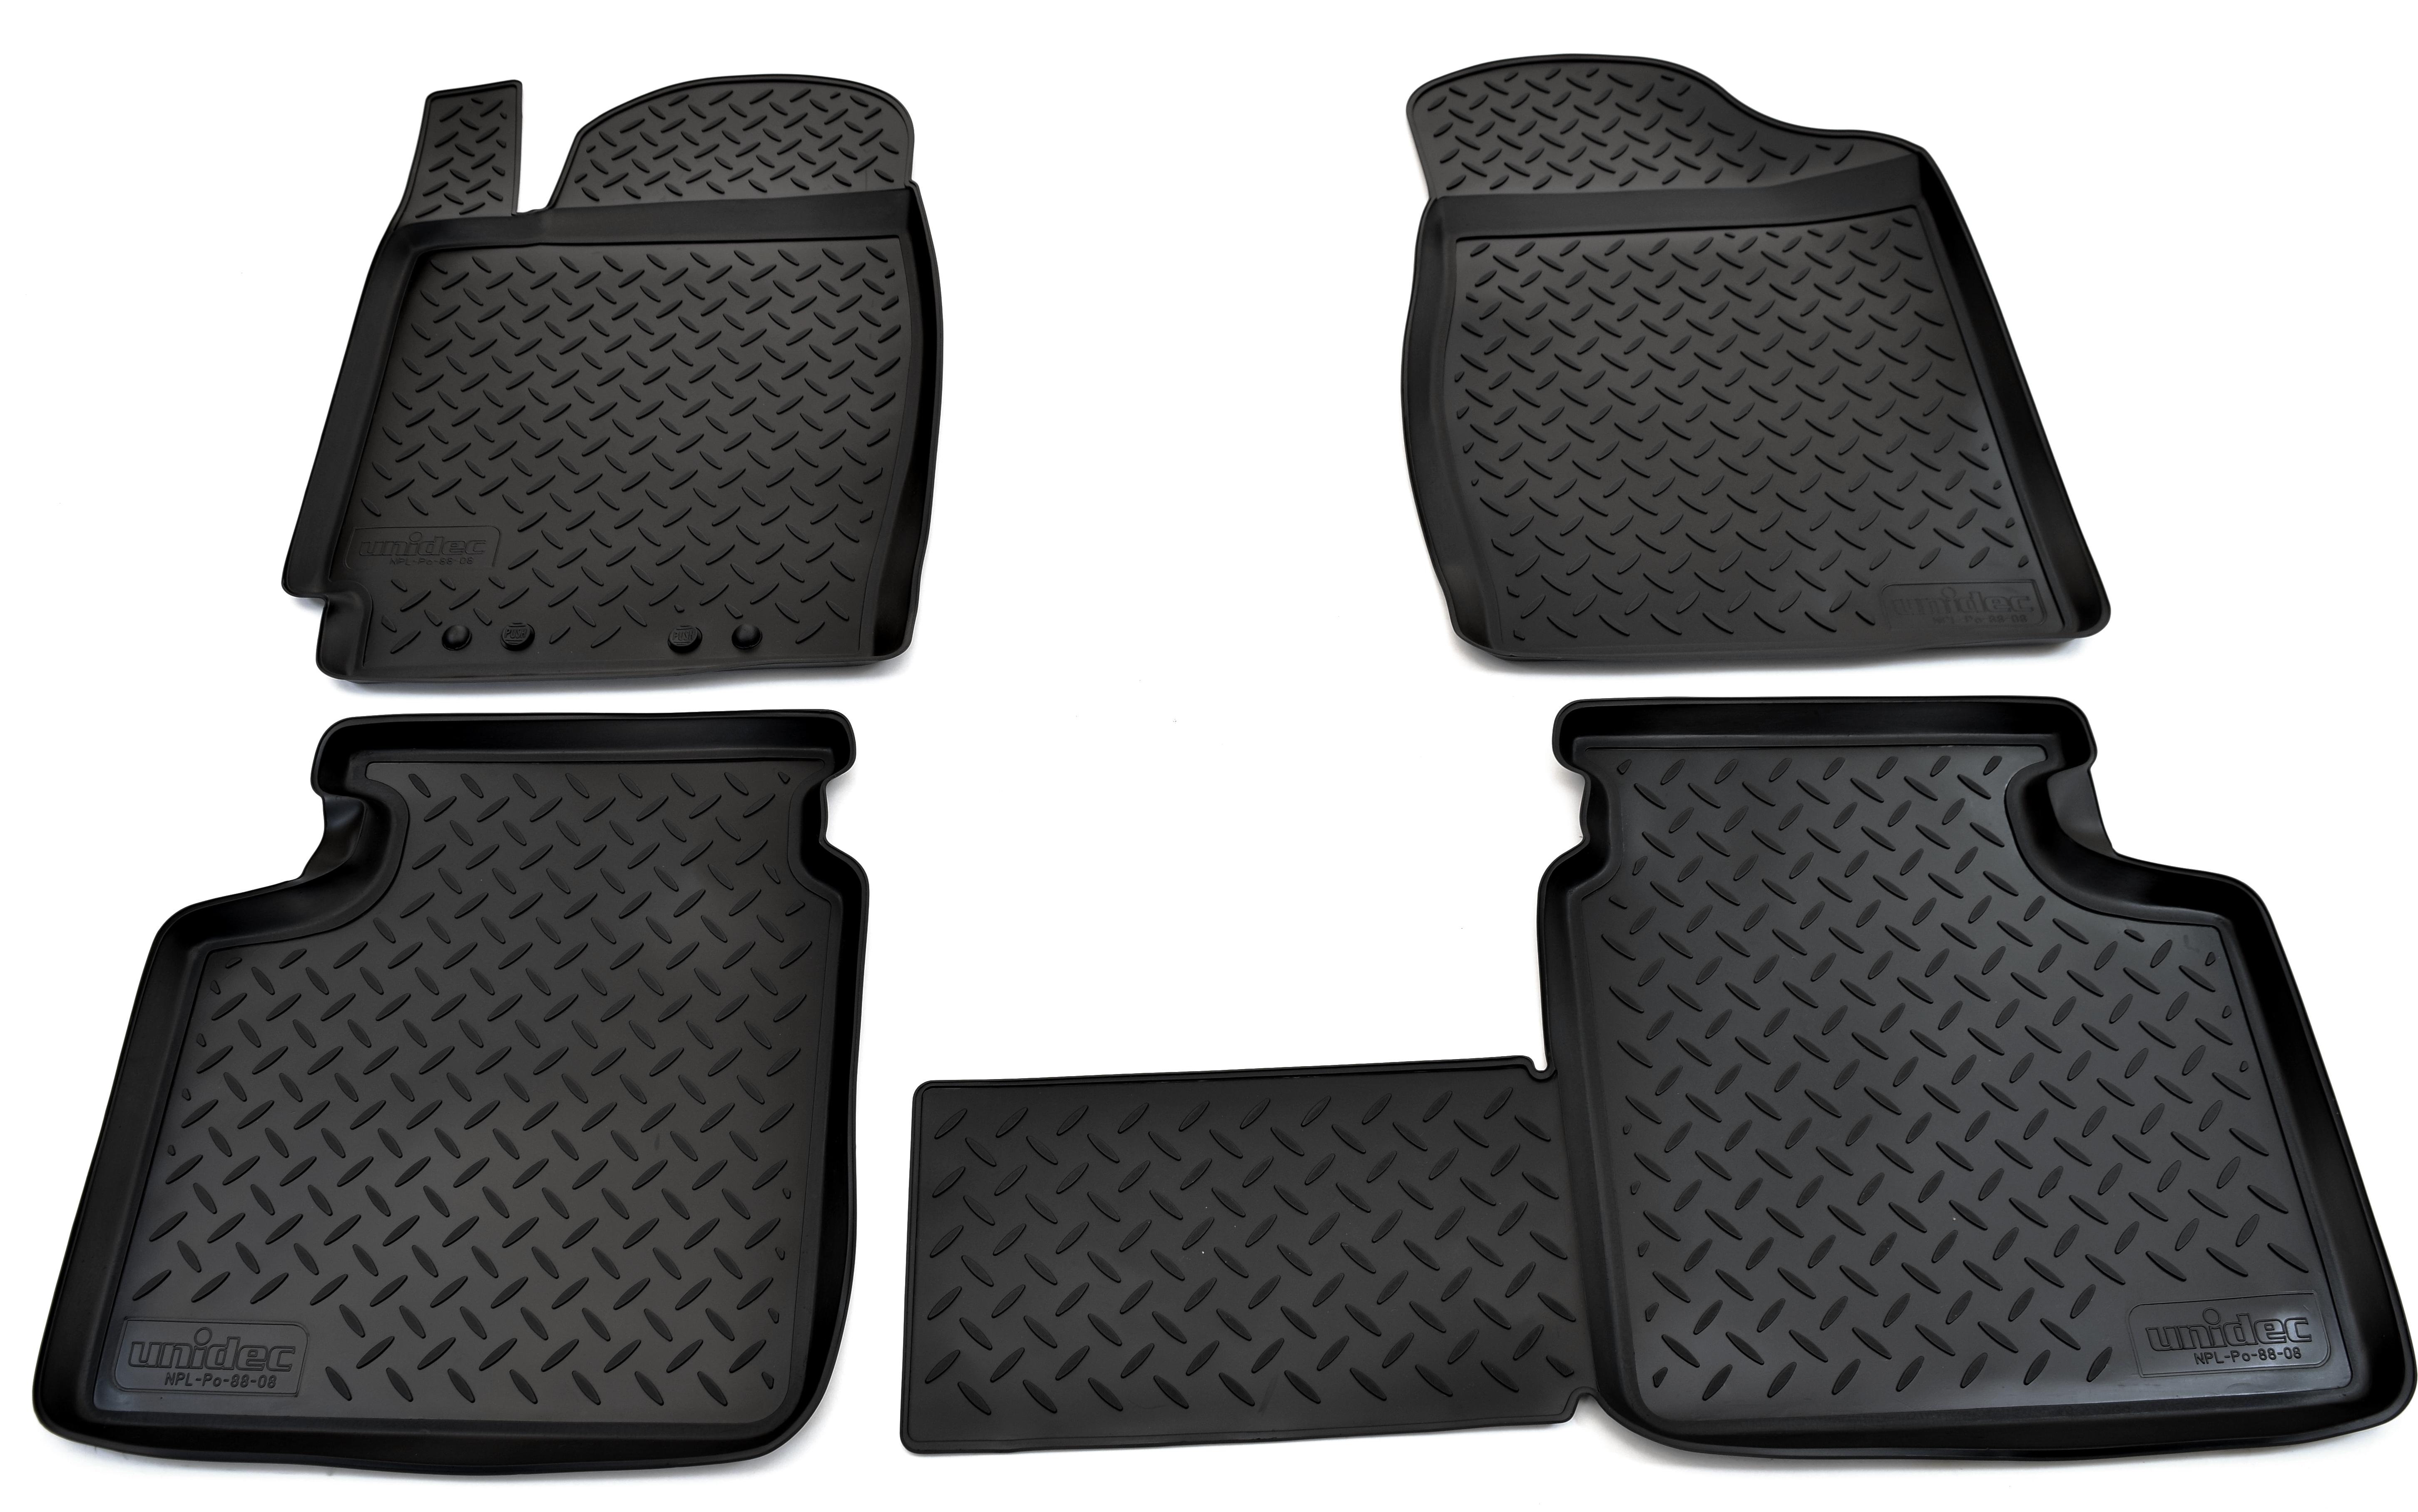 Коврики салона Norplast для Toyota Camry V30 2001-2006, NPL-Po-88-08, черный полотенца philippus комплект махровых полотенец philippus smart cotton malta 50 90 см 6 шт